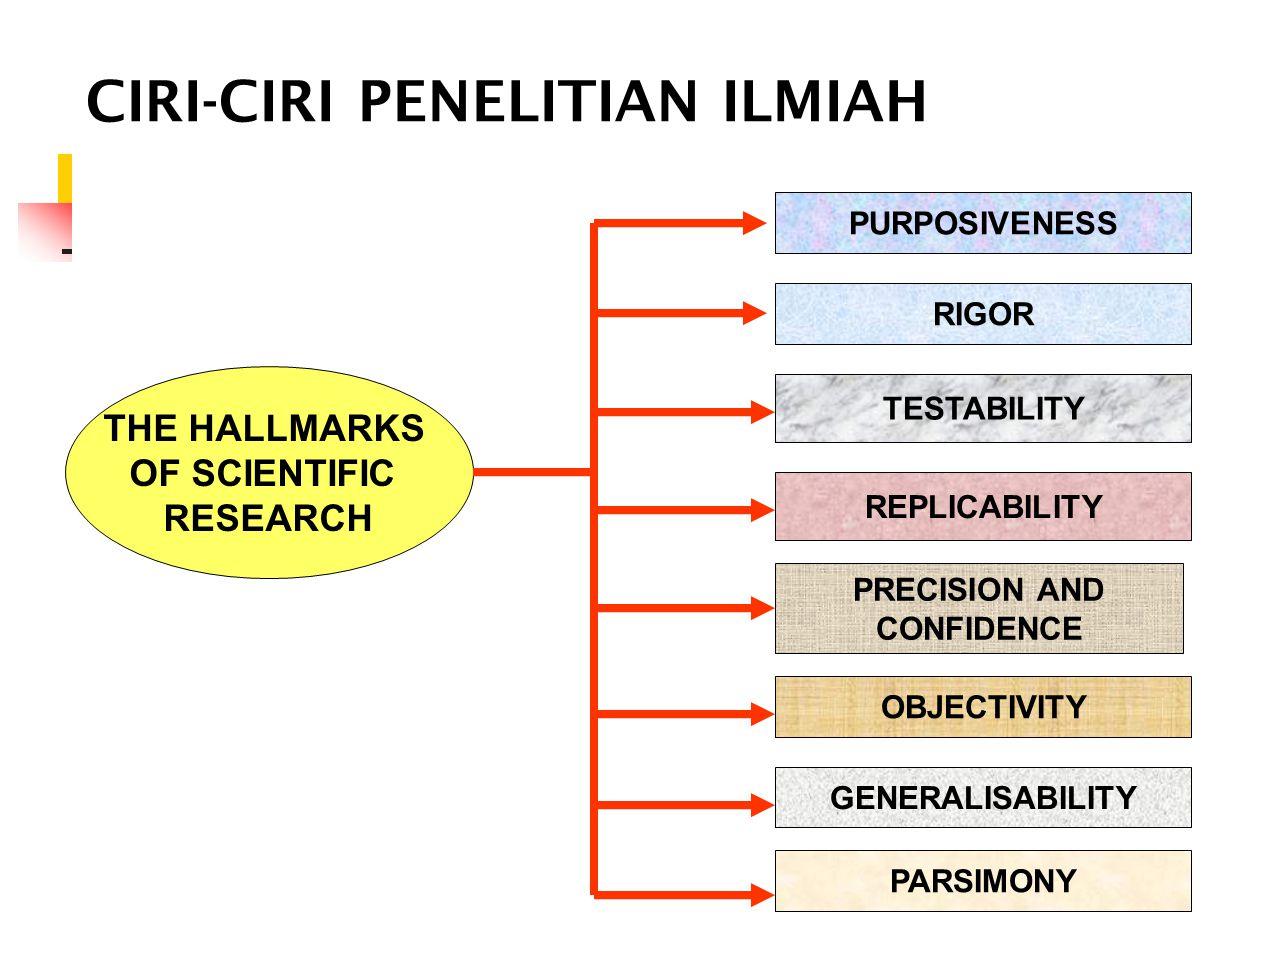 CIRI-CIRI PENELITIAN ILMIAH THE HALLMARKS OF SCIENTIFIC RESEARCH TESTABILITY RIGOR PURPOSIVENESS REPLICABILITY PRECISION AND CONFIDENCE OBJECTIVITY GE